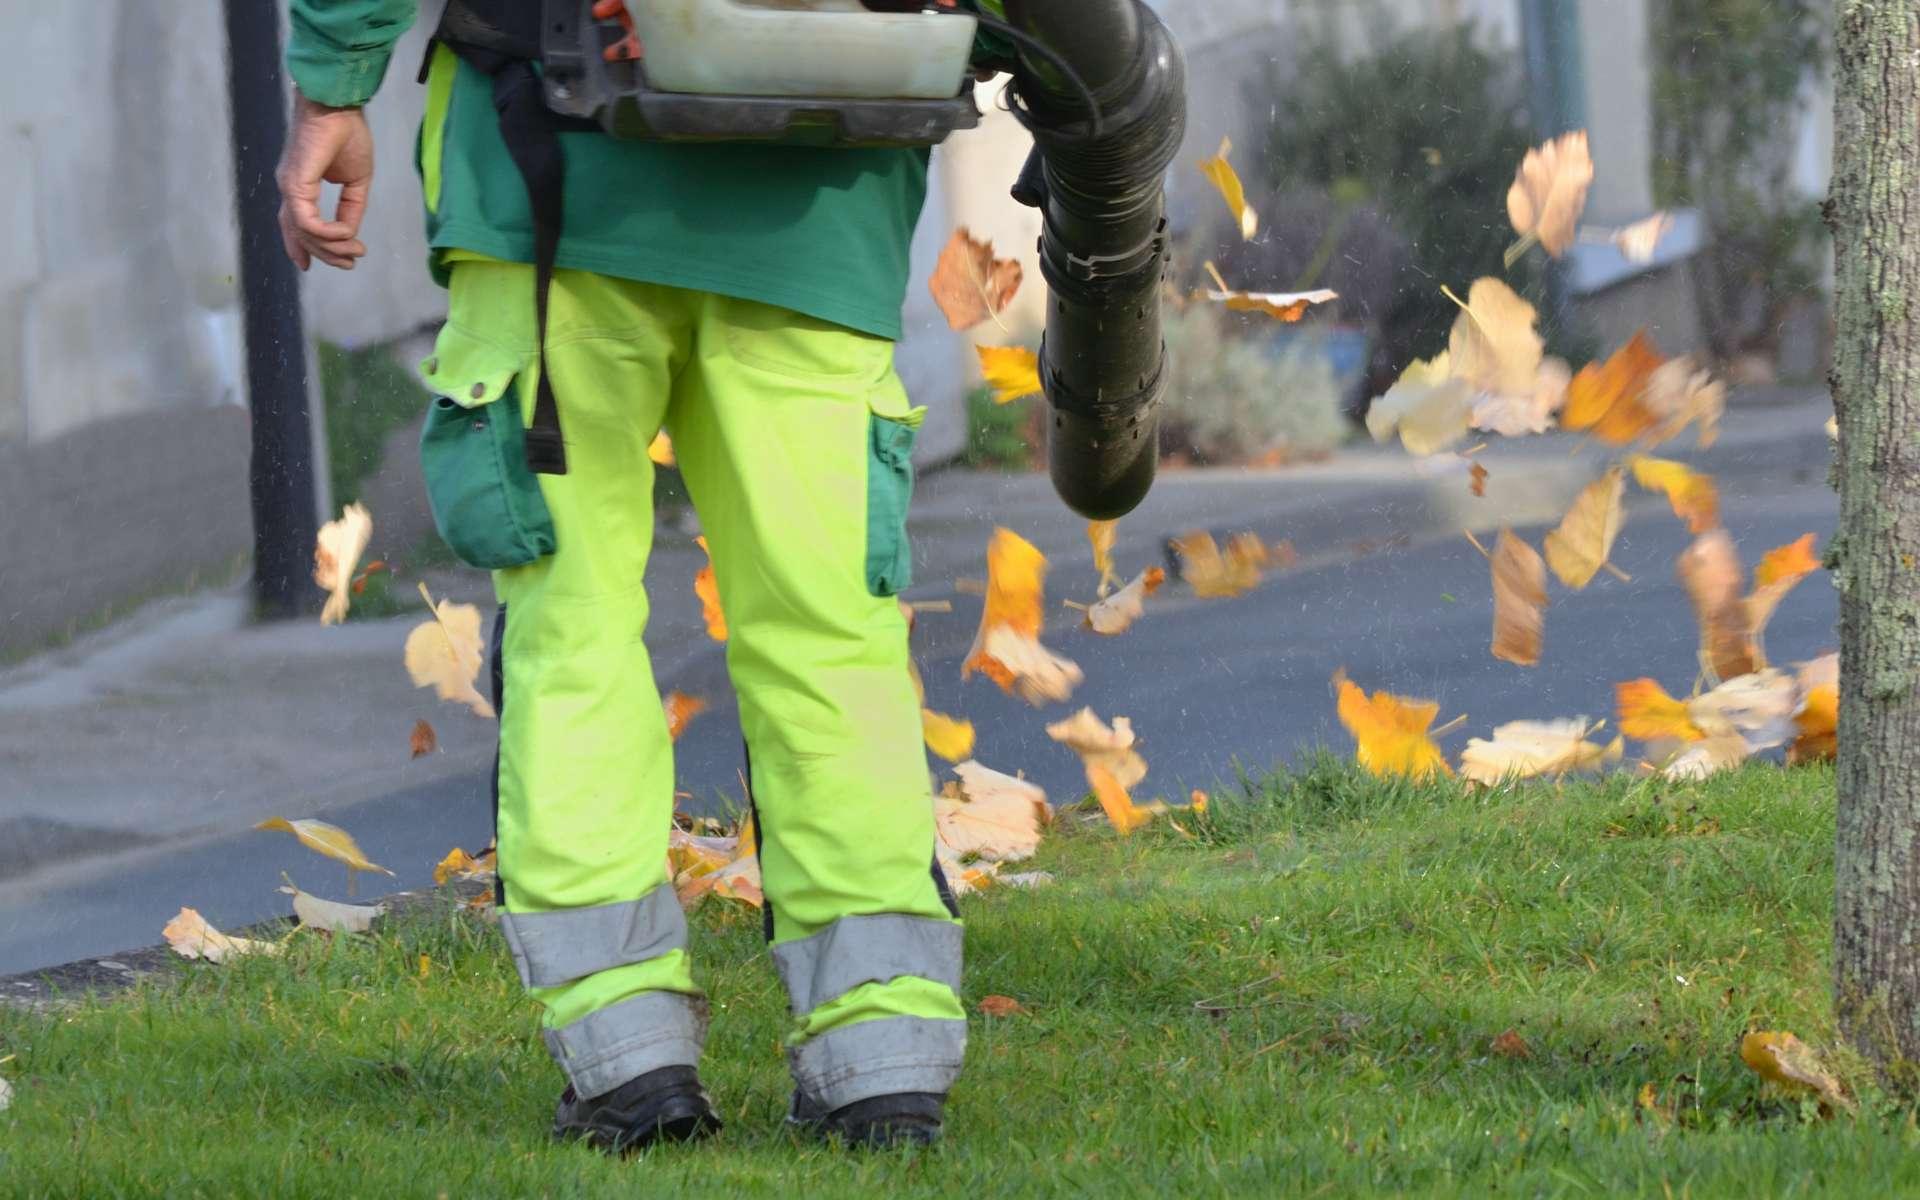 L'usage d'un souffleur se fait avec précautions. © graphlight, Adobe Stock